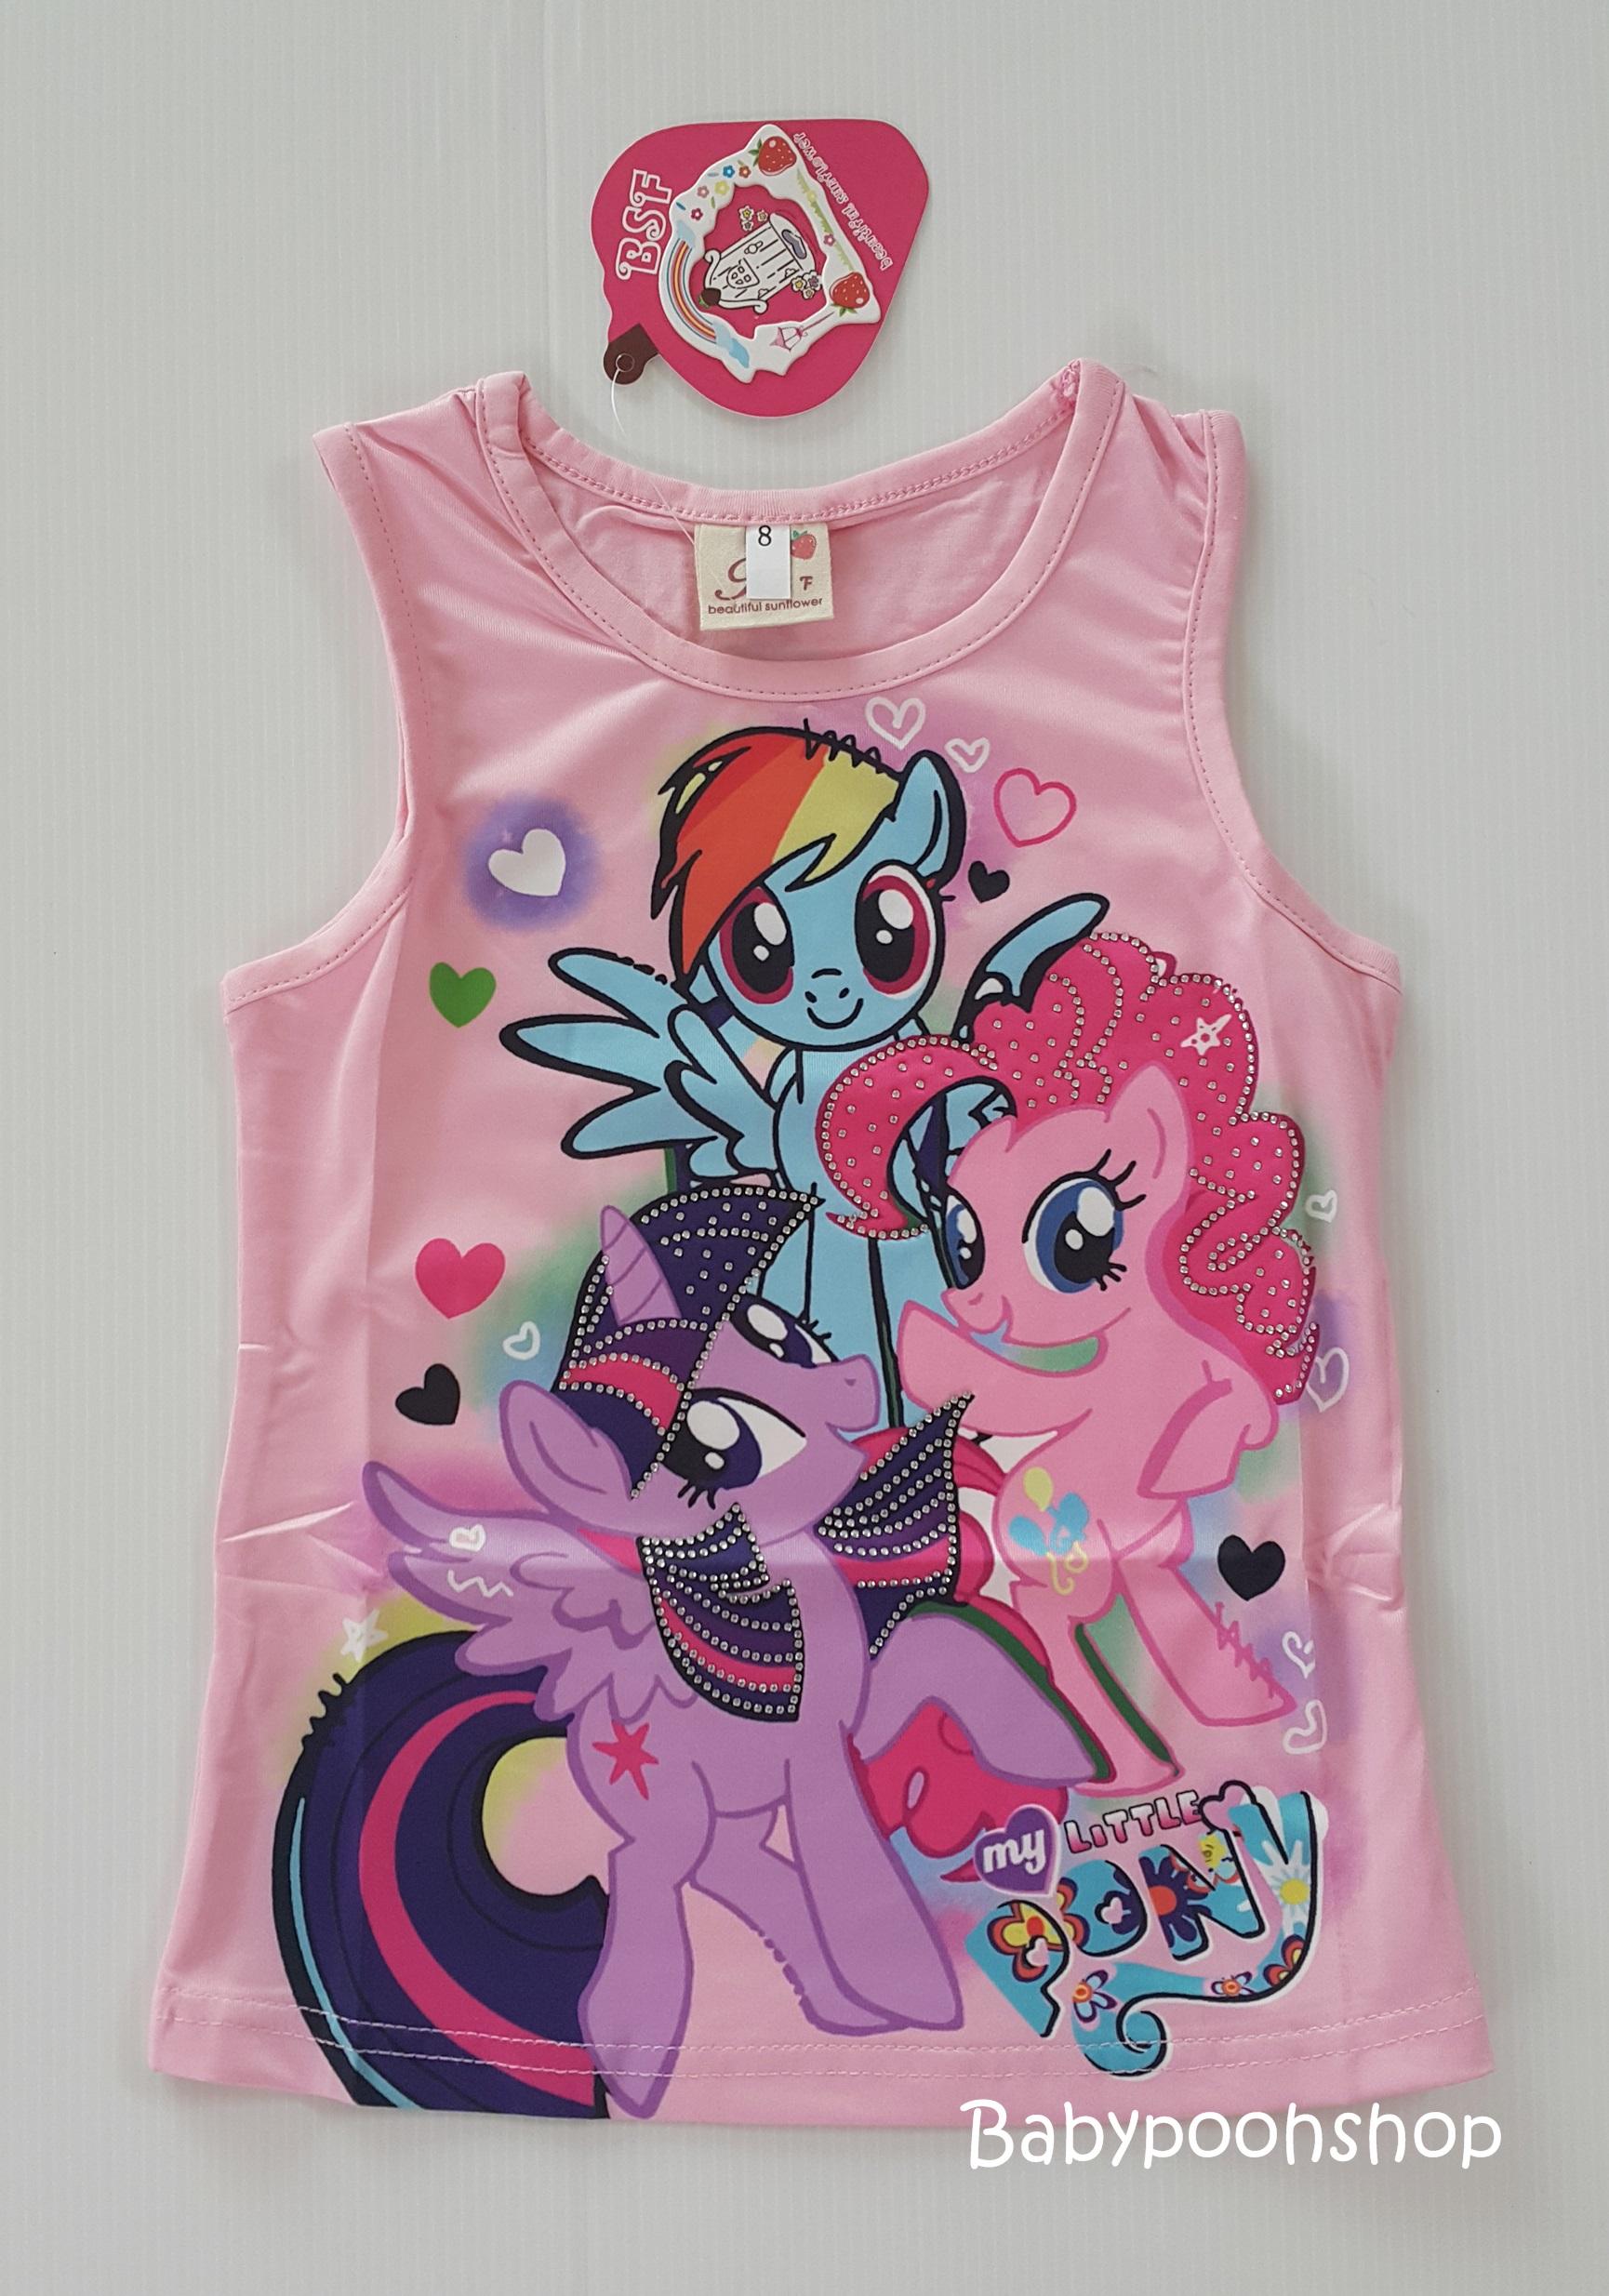 เสื้อกล้าม my little Pony สีชมพูอ่อน size : 8 (2-3y) / 10 (3-4y) / 14 (5-6y)